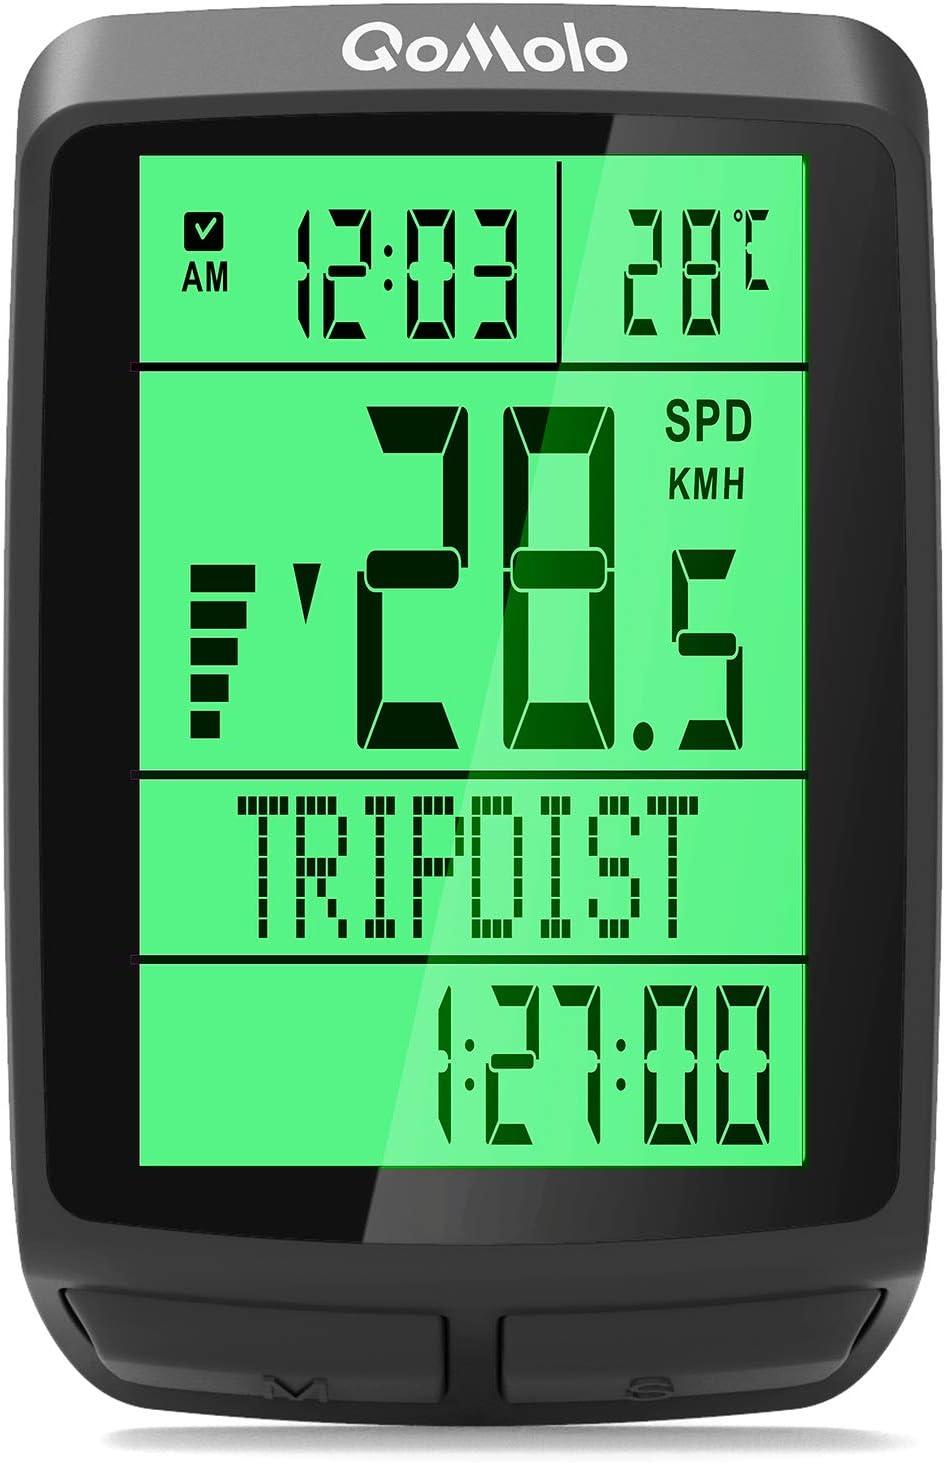 Qomolo Cuentakilómetros para Bicicleta, Impermeable Inalámbrico Velocímetro para Bicicleta, Muti-Funcion Ciclocomputador Ciclismo con Cronómetro, Temperatura,Hora,Ordenador Odómetro de Bicicleta